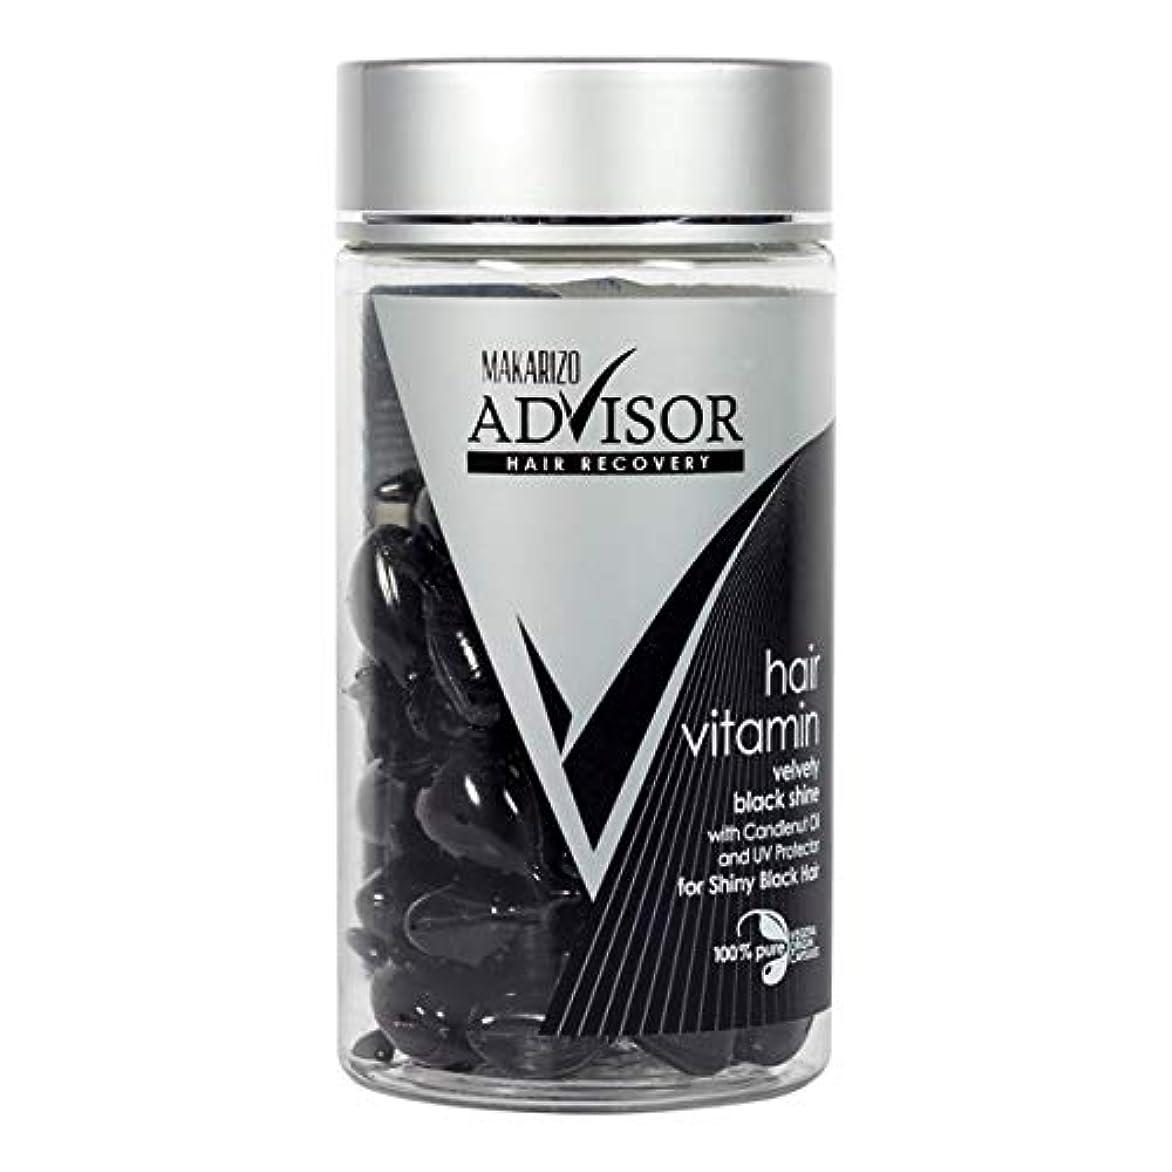 数字オートメーション教MAKARIZO マカリゾ Advisor アドバイザー Hair Vitamin ヘアビタミン 50粒入ボトル Velvety Black Shine ブラック [海外直送品]